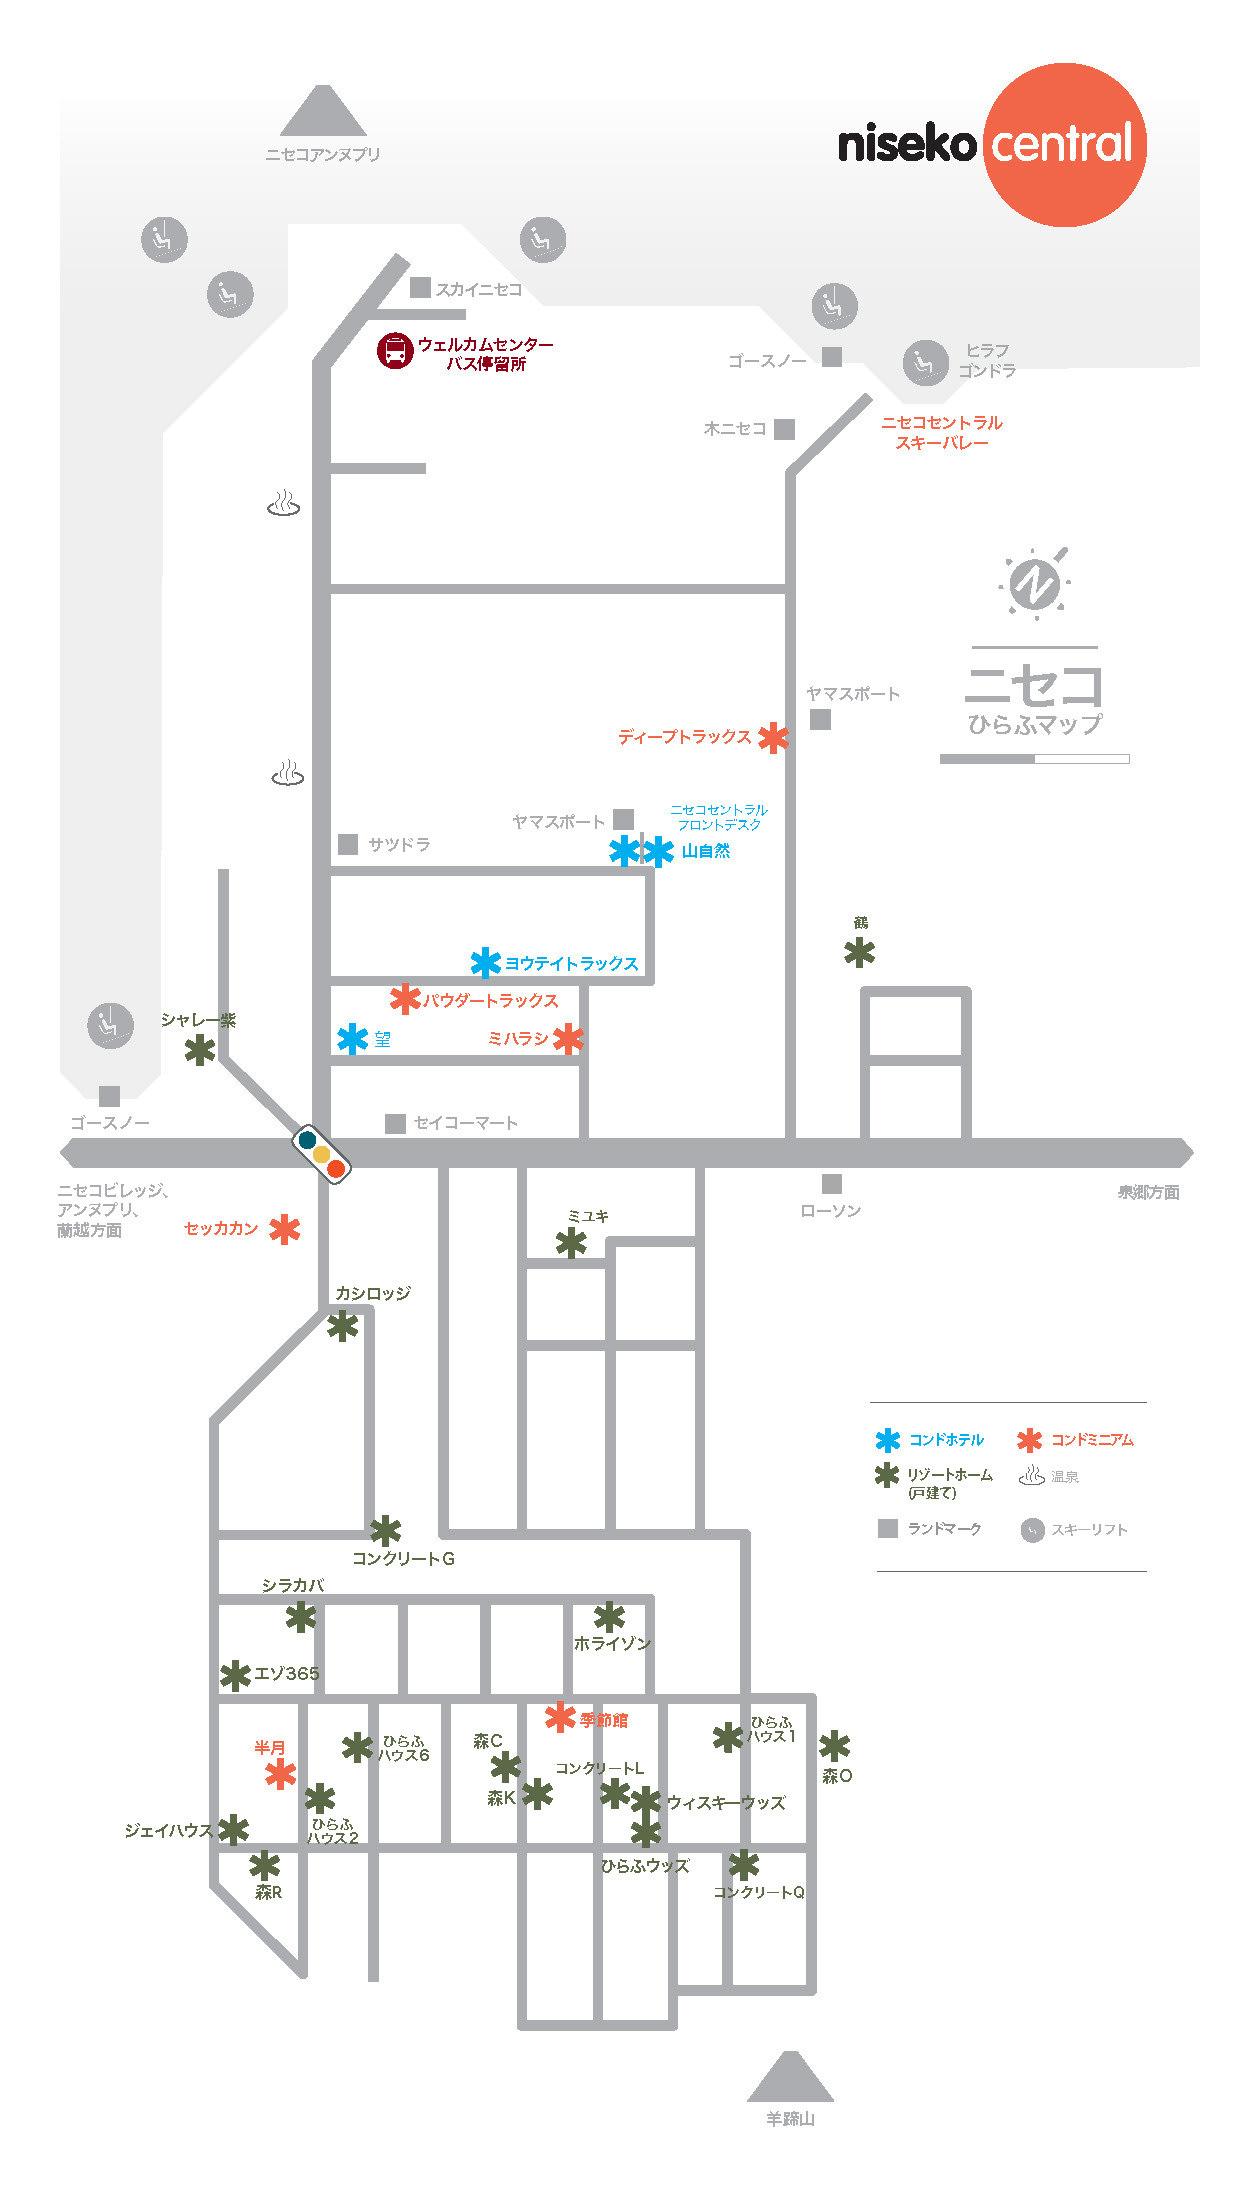 Niseko central properties map jp 20210121